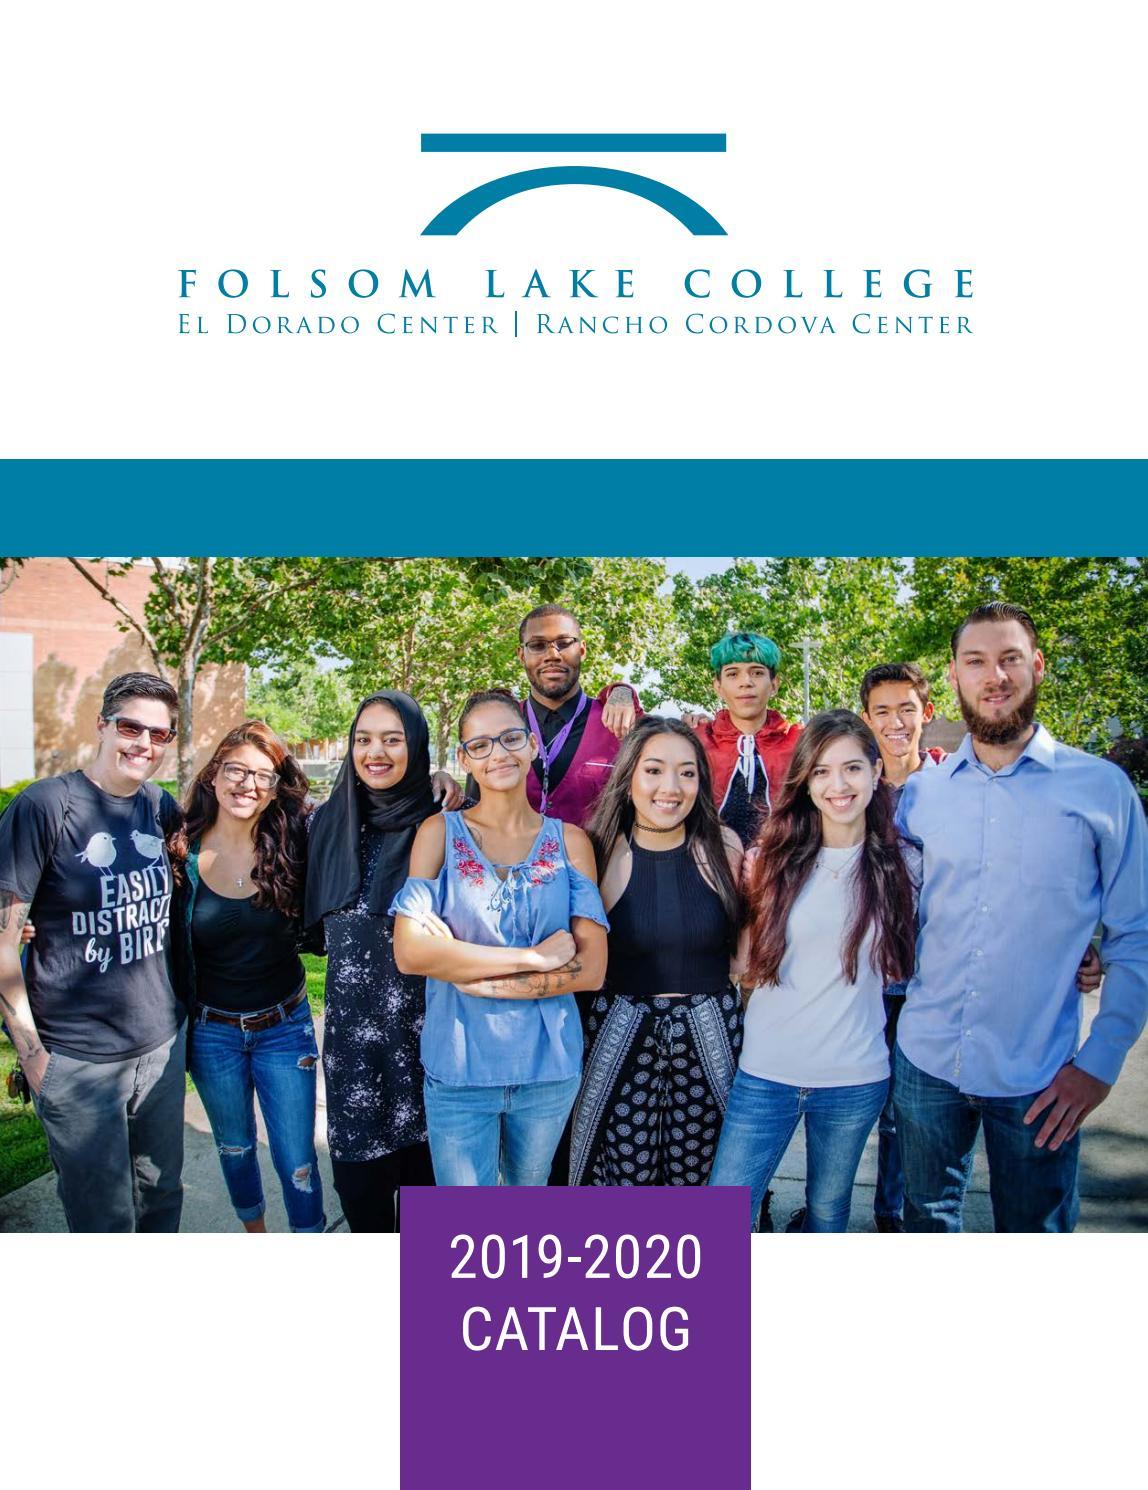 uc merced graduation 2020